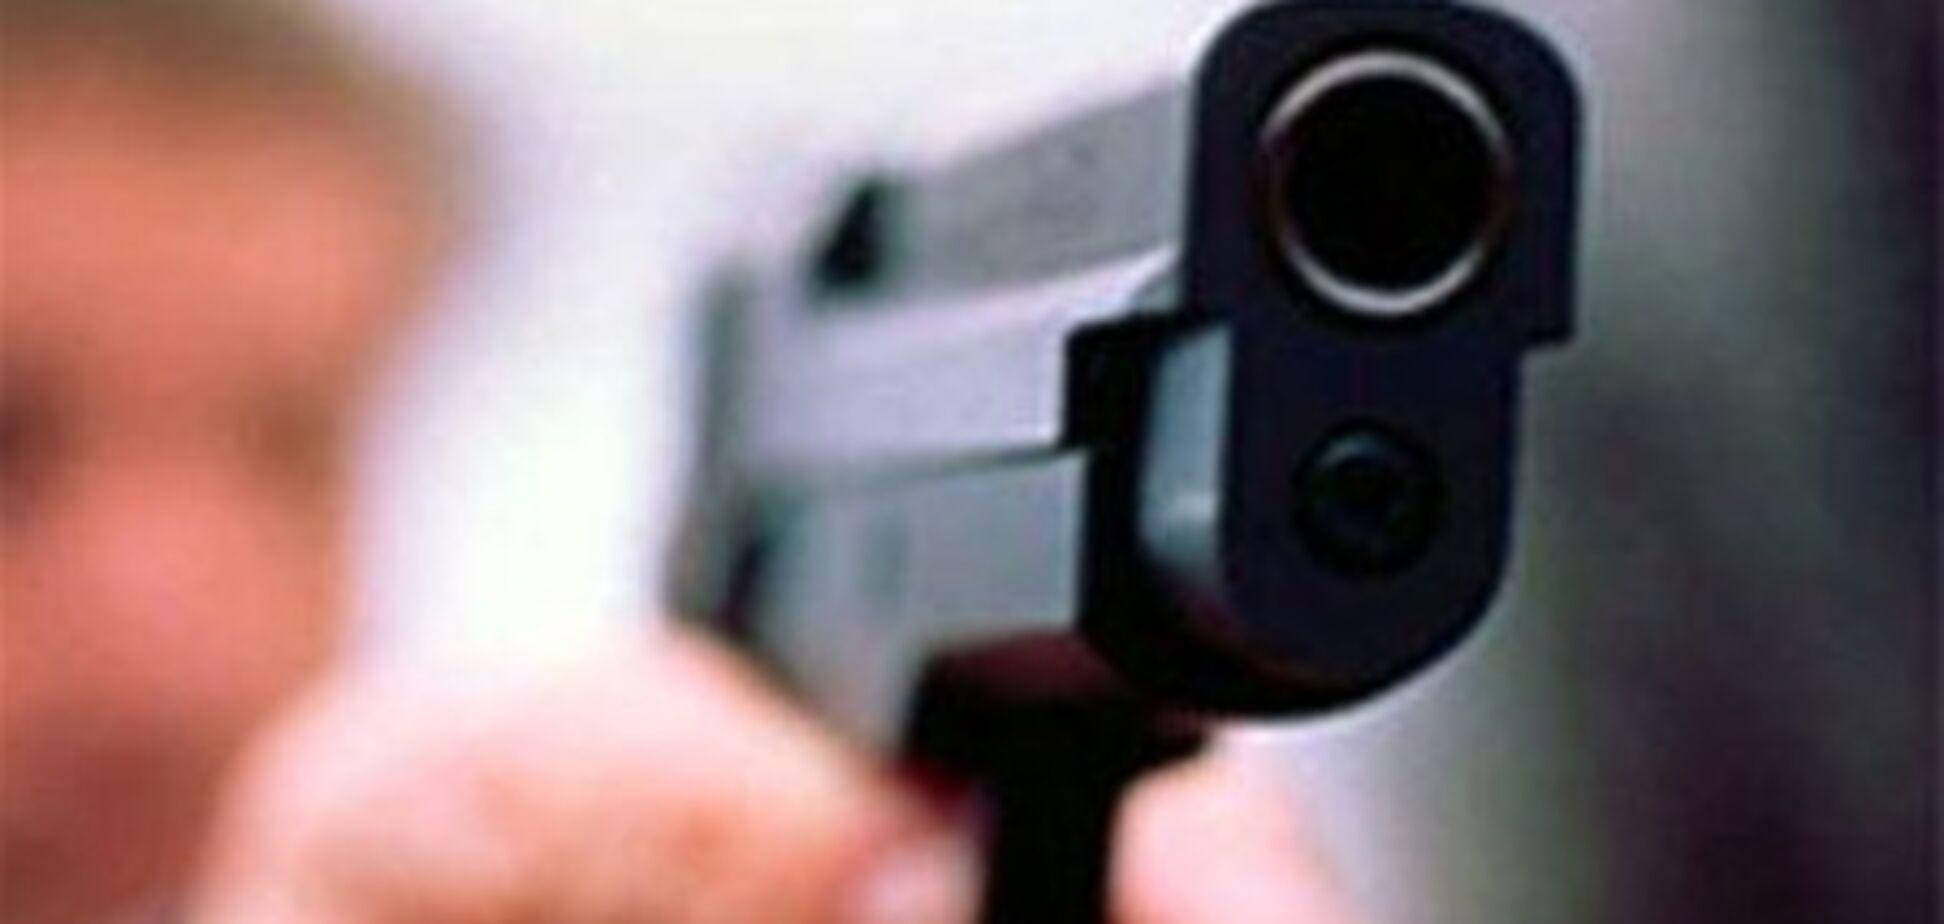 Возле магазина на Харьковщине застрелили покупателя